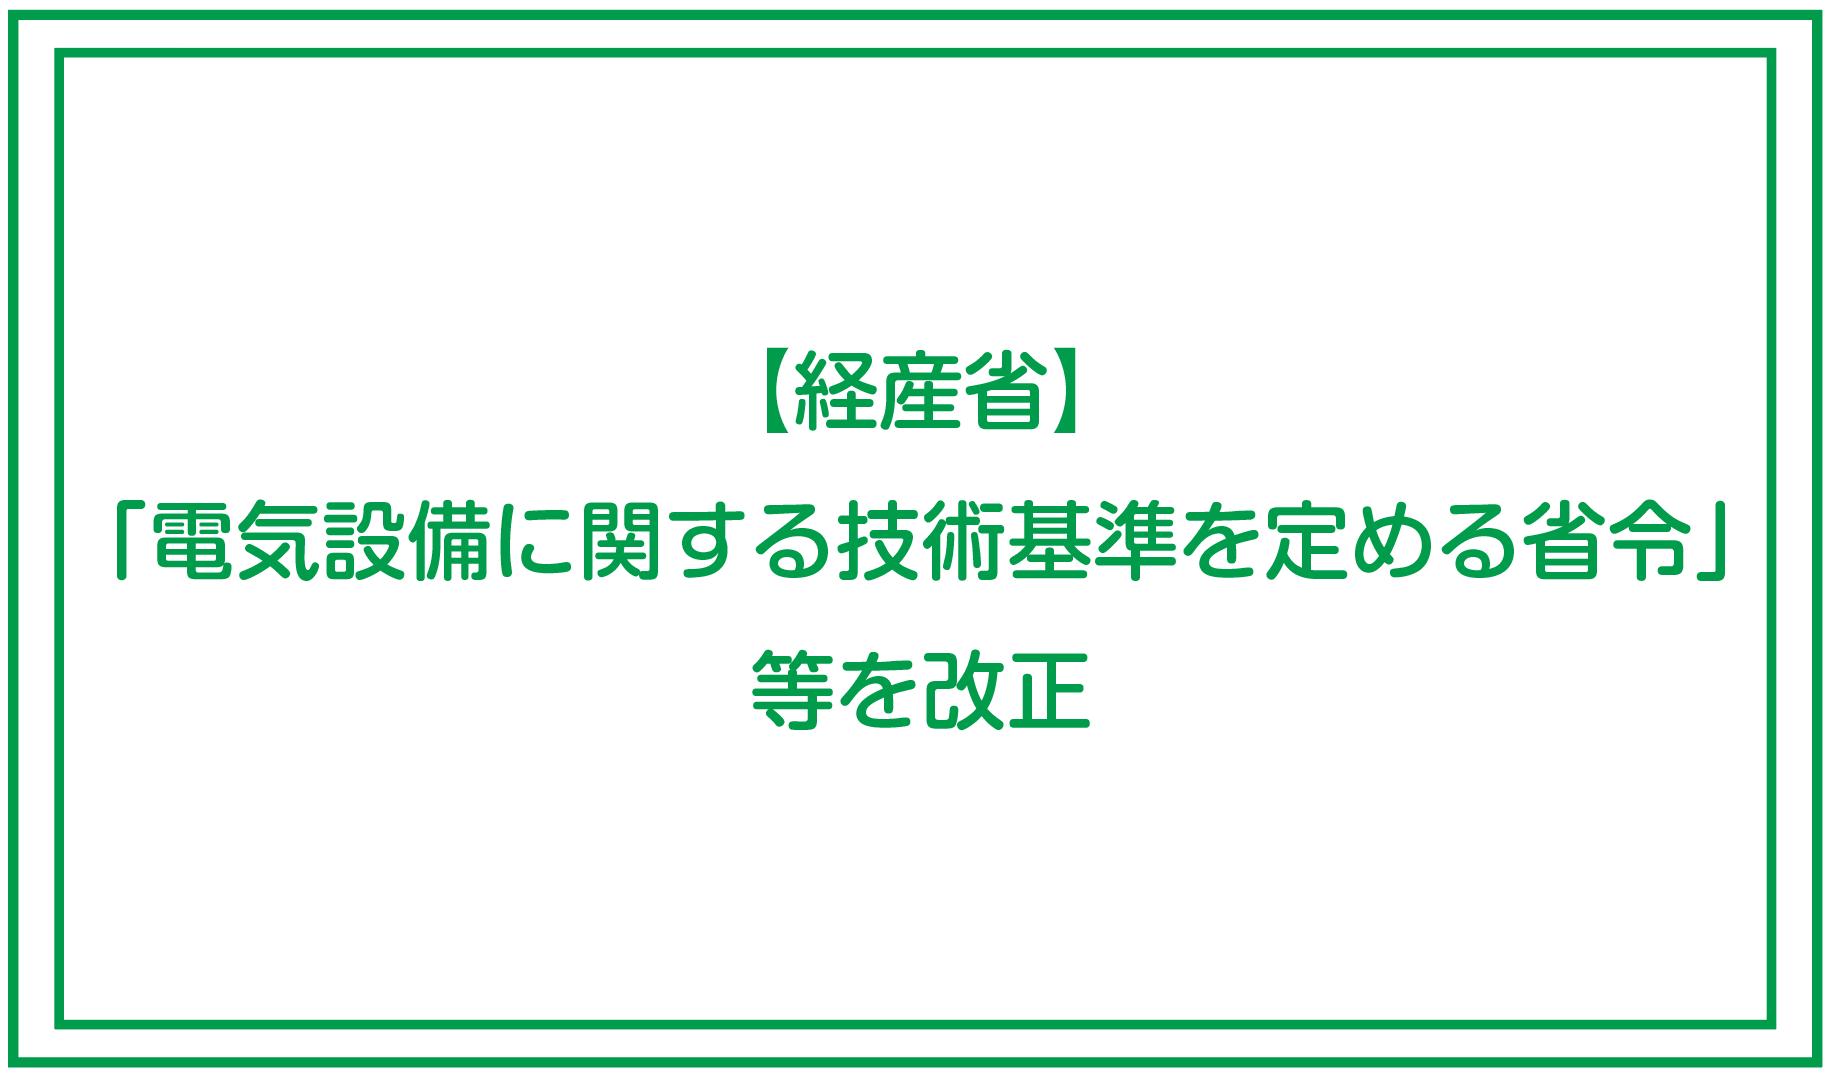 【経産省】「電気設備に関する技術基準を定める省令」等を改正の画像